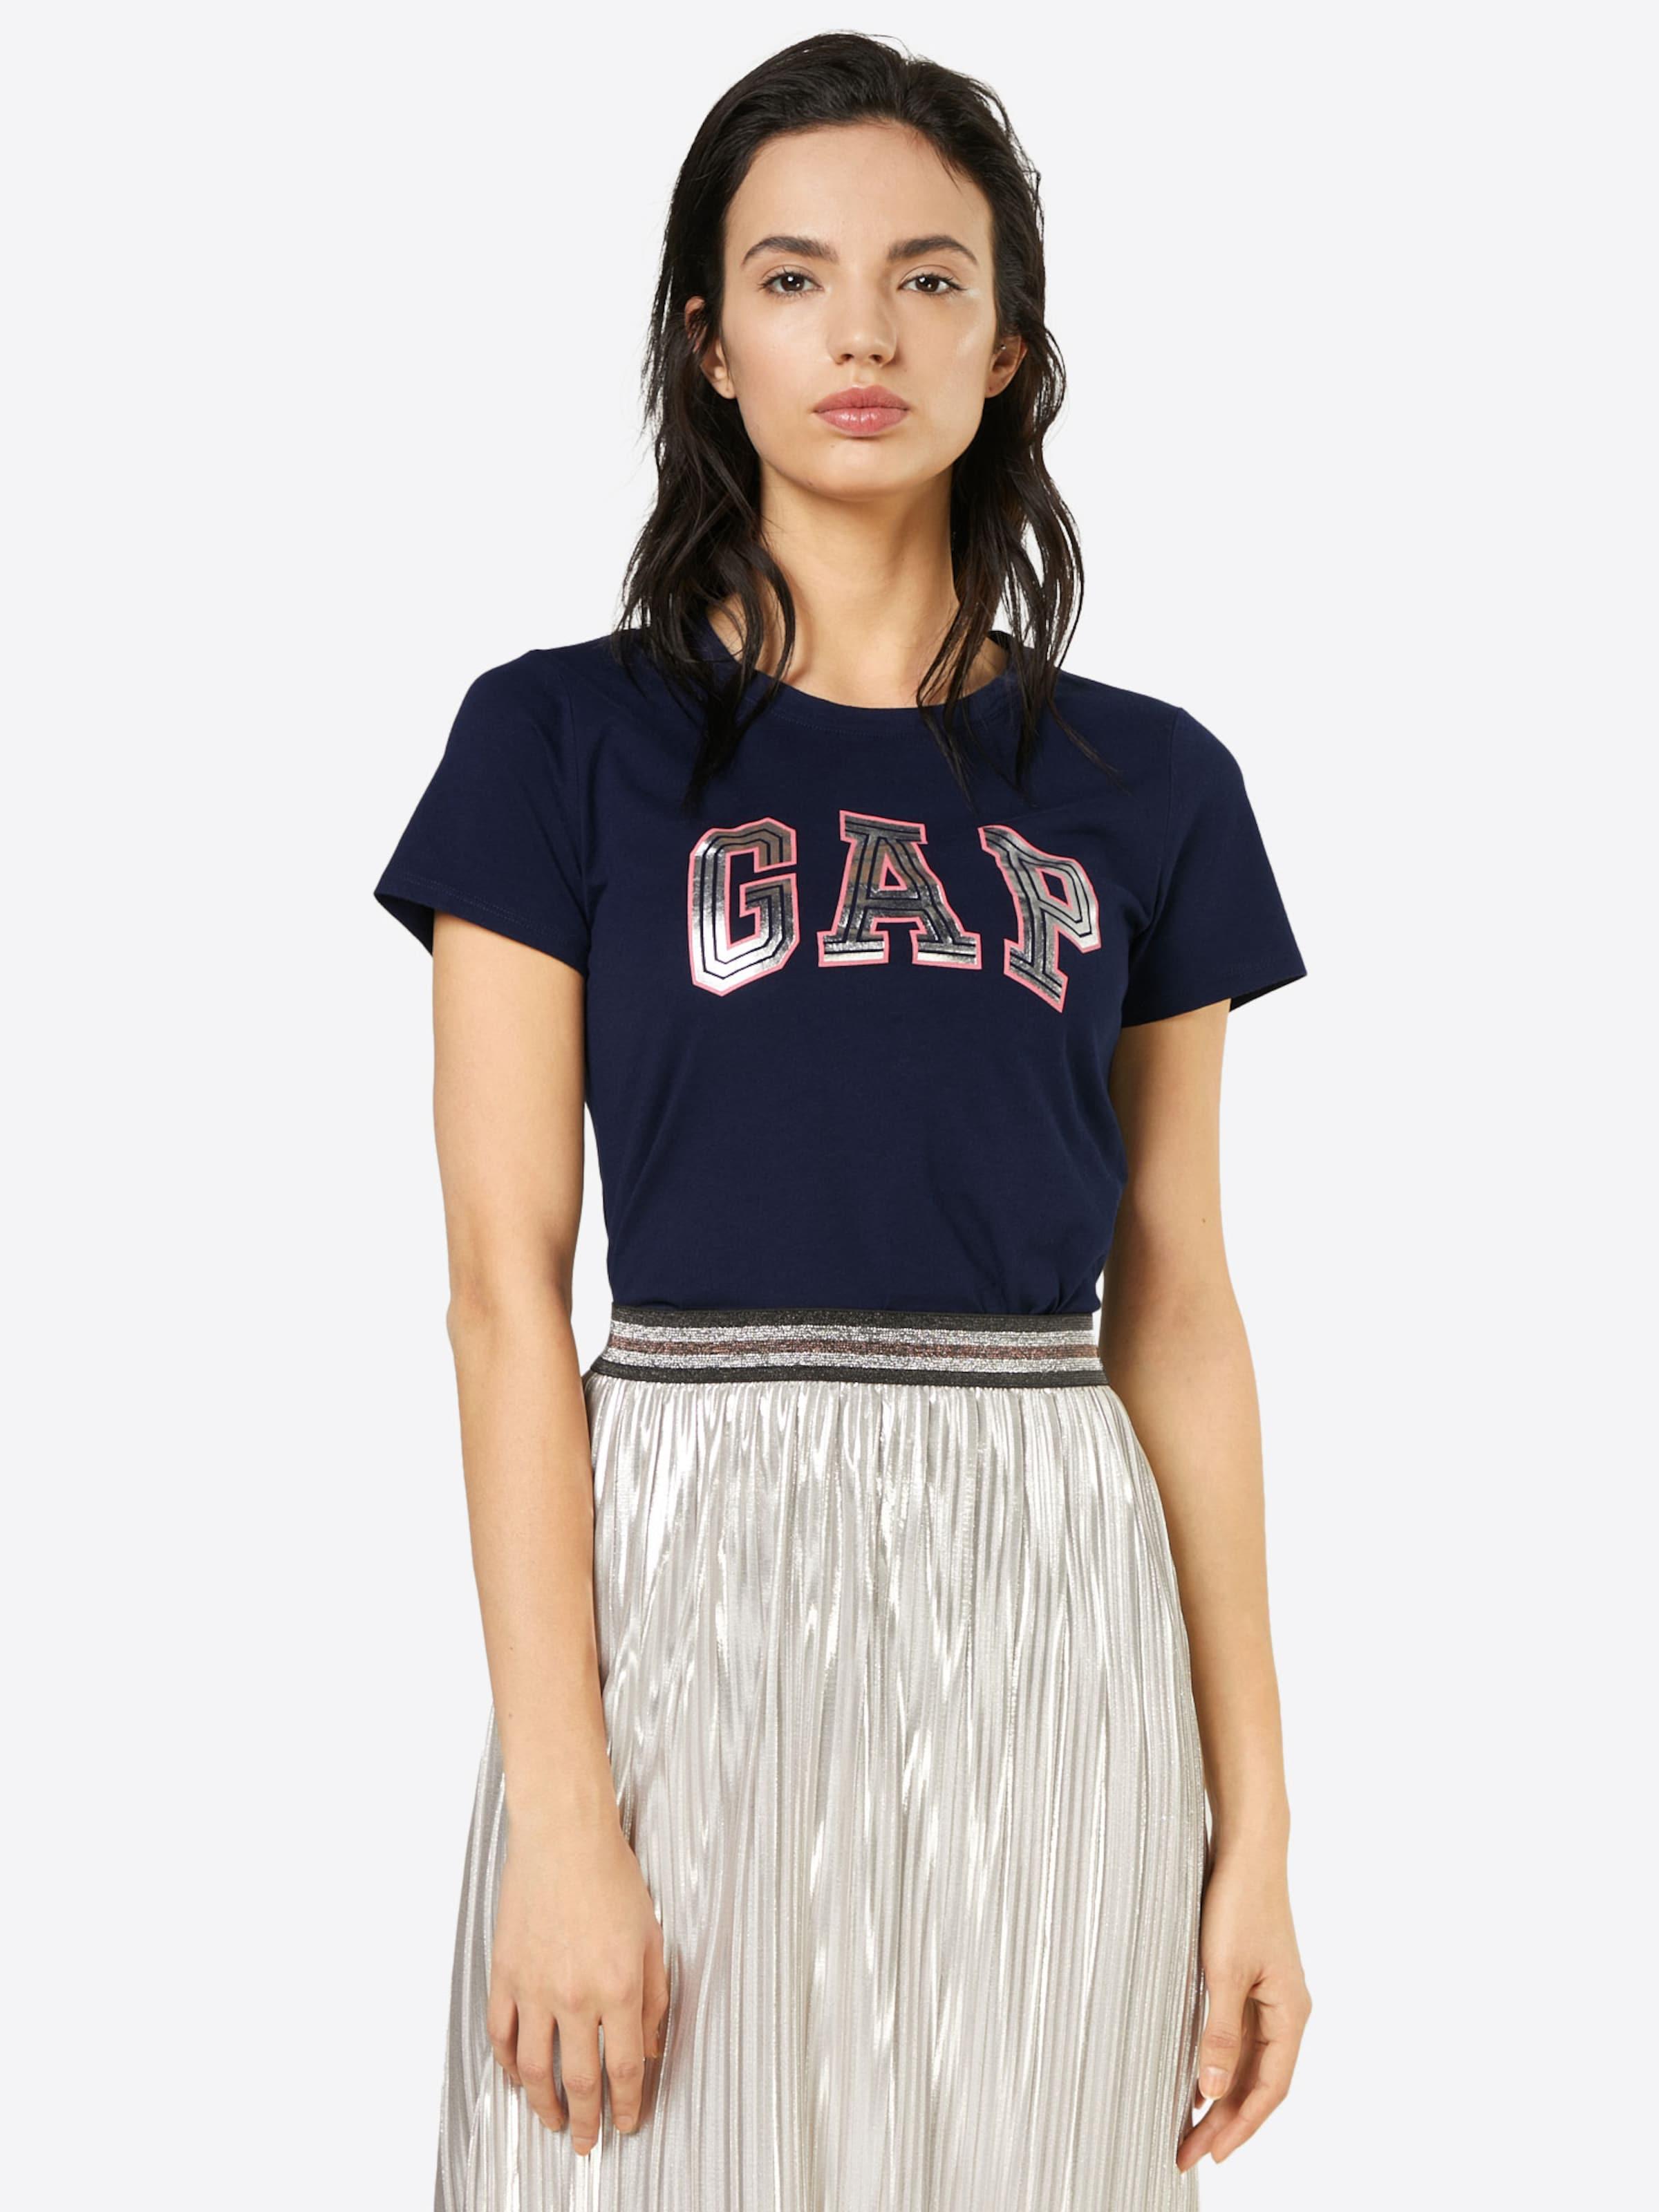 GAP T-Shirt 'GAP FOIL' Große Überraschung Günstiger Preis Günstig Versandkosten Günstigste Preis Verkauf Online Lie2av